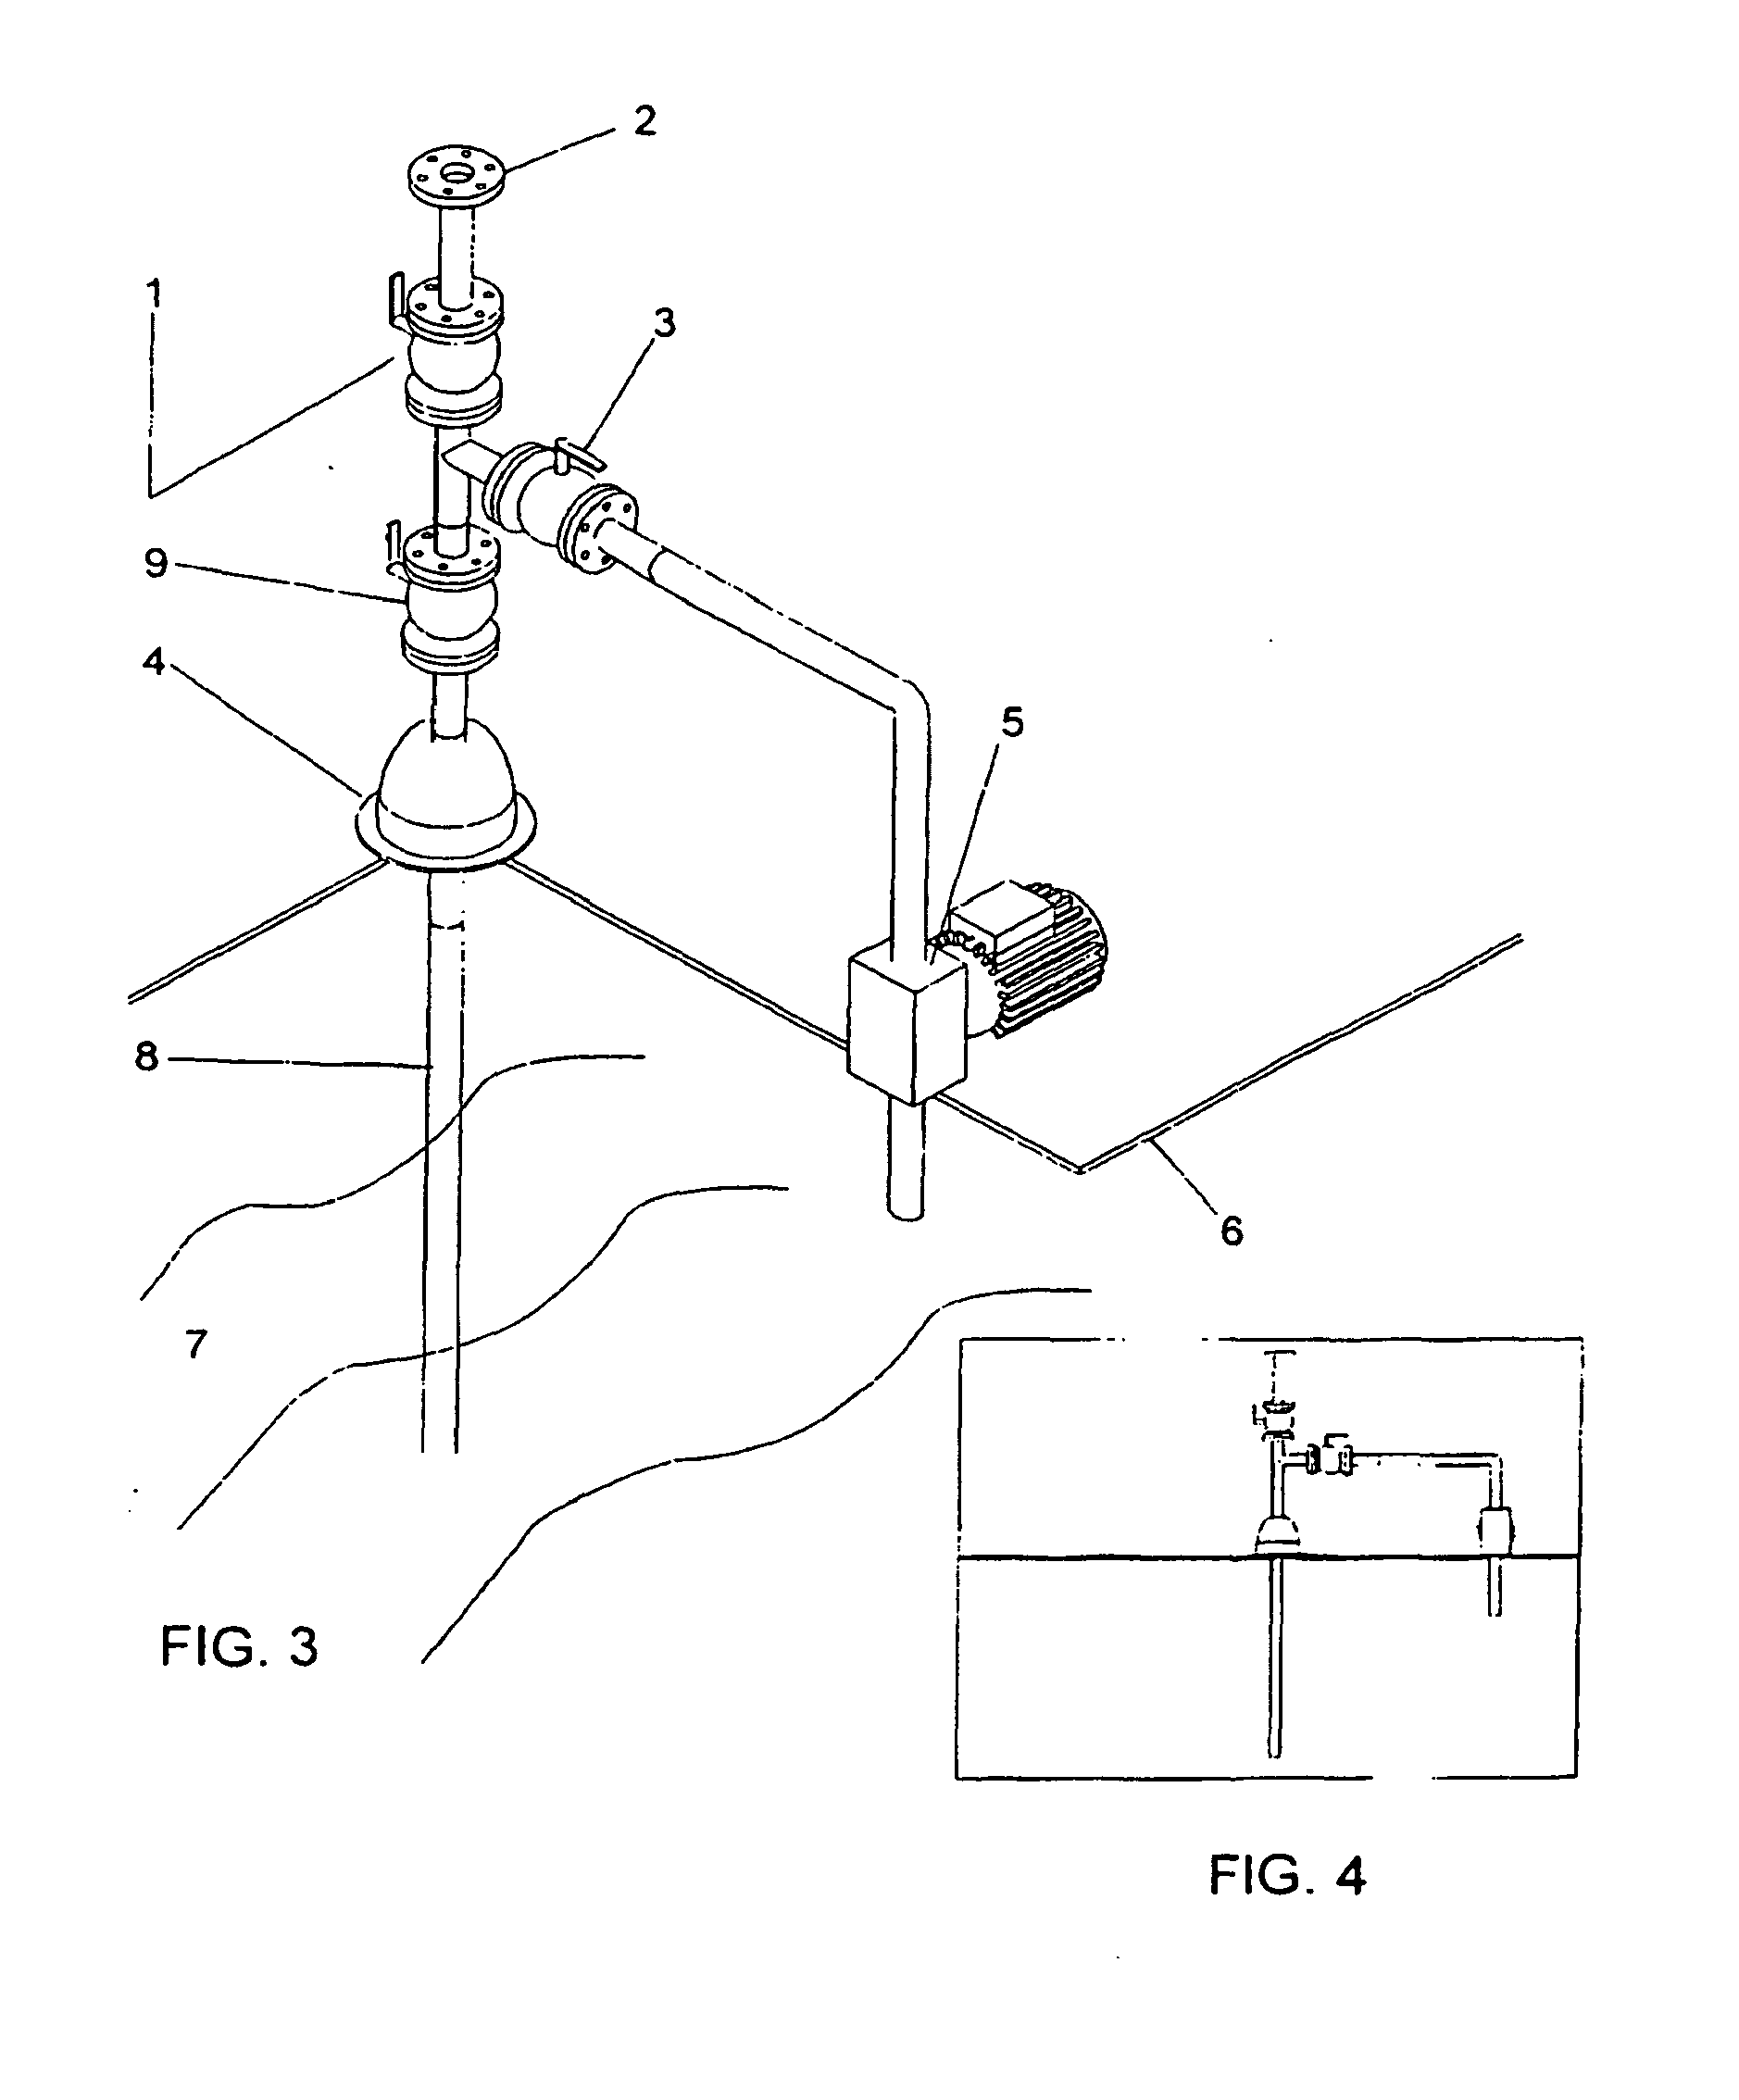 patent ep1242769b1 verfahren vorrichtung und system zur. Black Bedroom Furniture Sets. Home Design Ideas